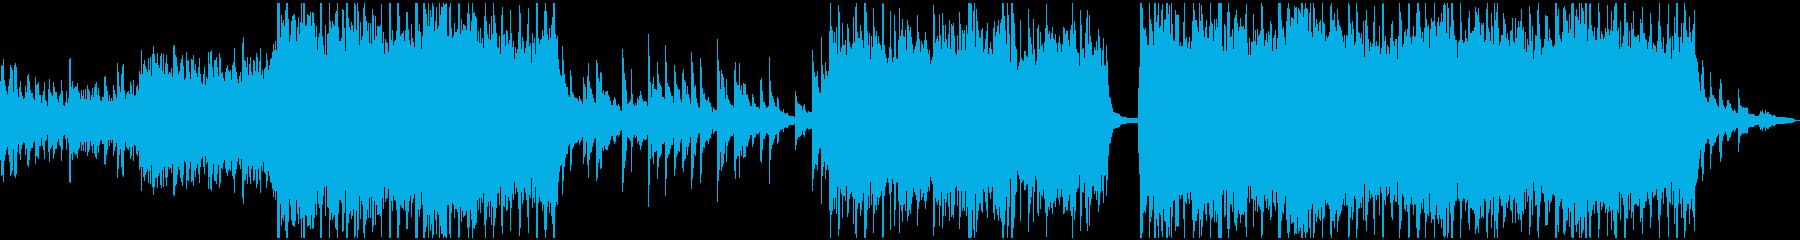 現代の交響曲でハッピーな曲の再生済みの波形